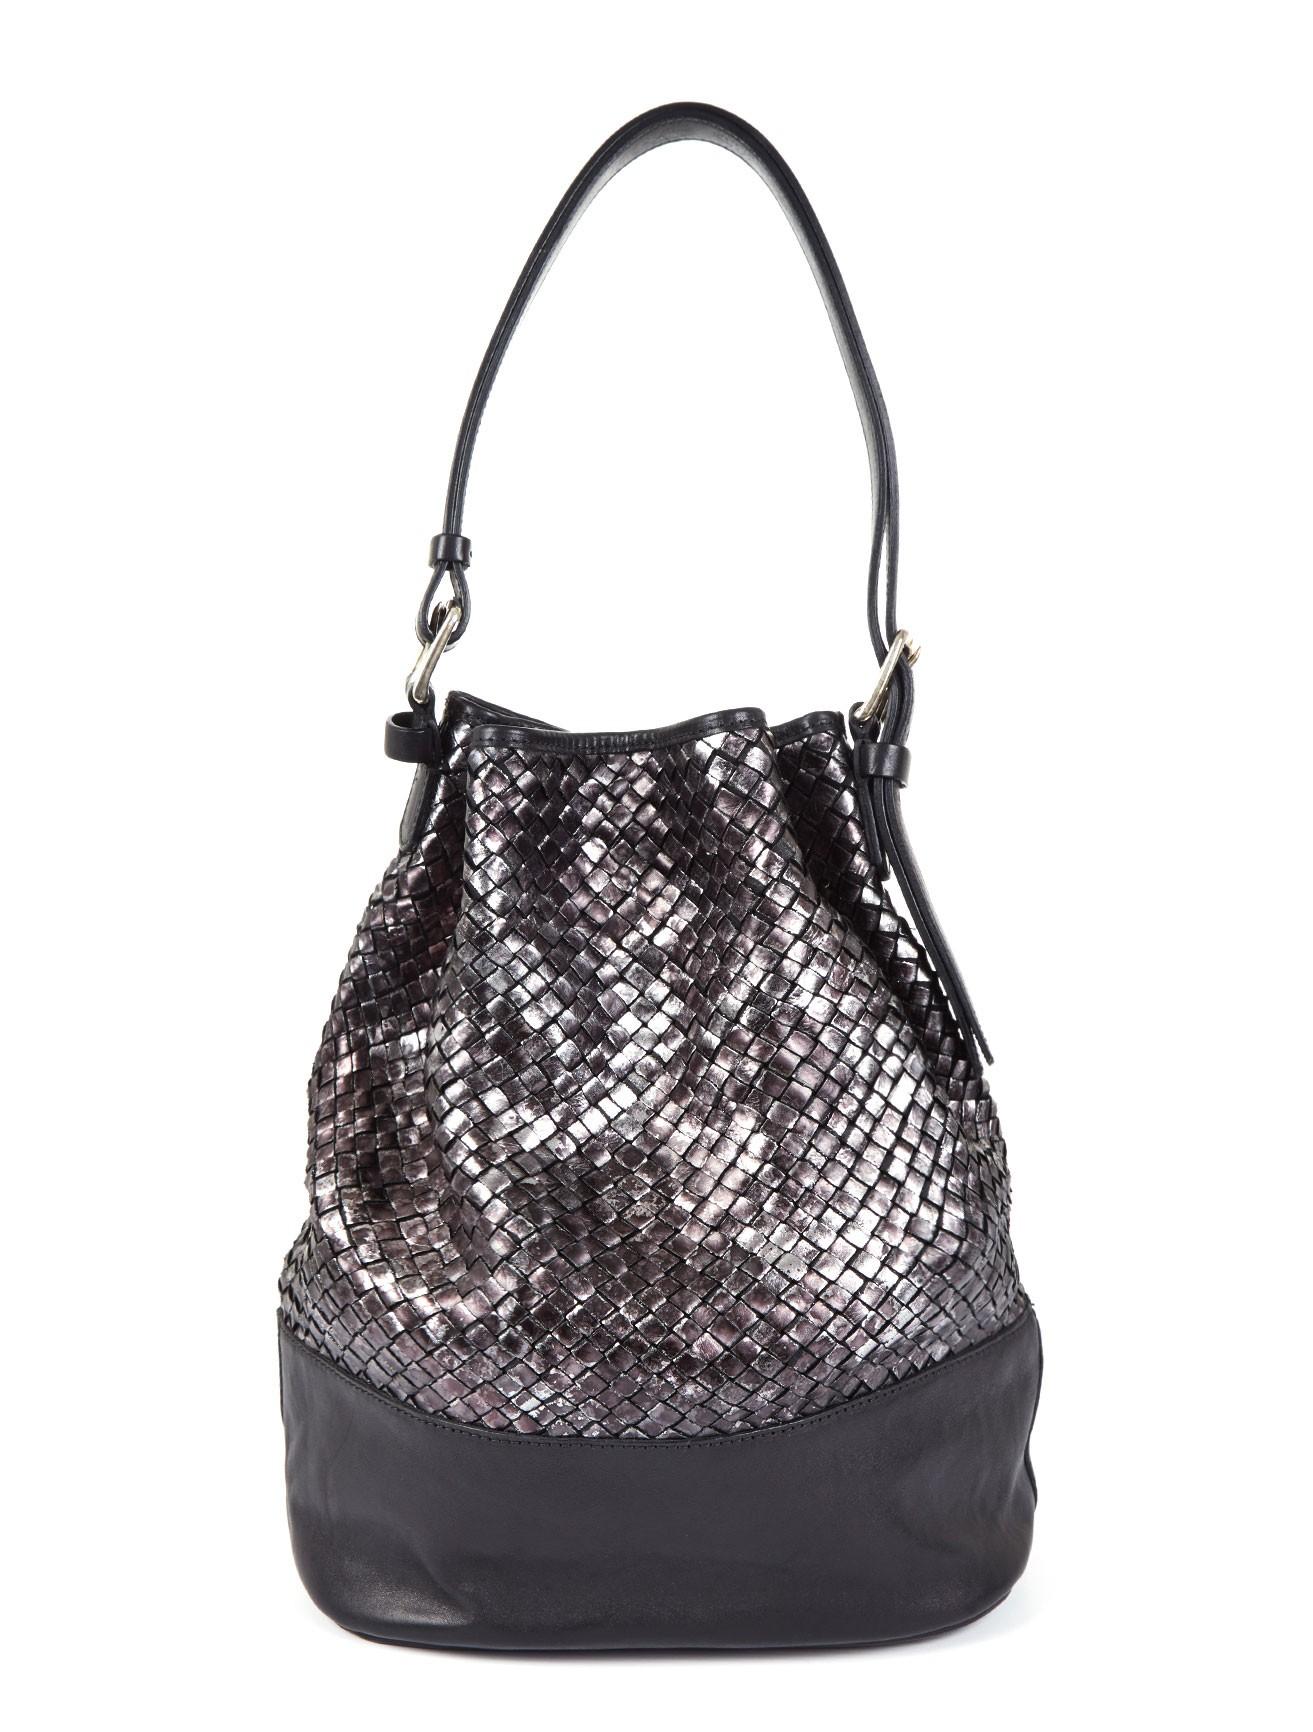 Massimo Palomba Metallic Woven Leather Dixie Bucket Bag In